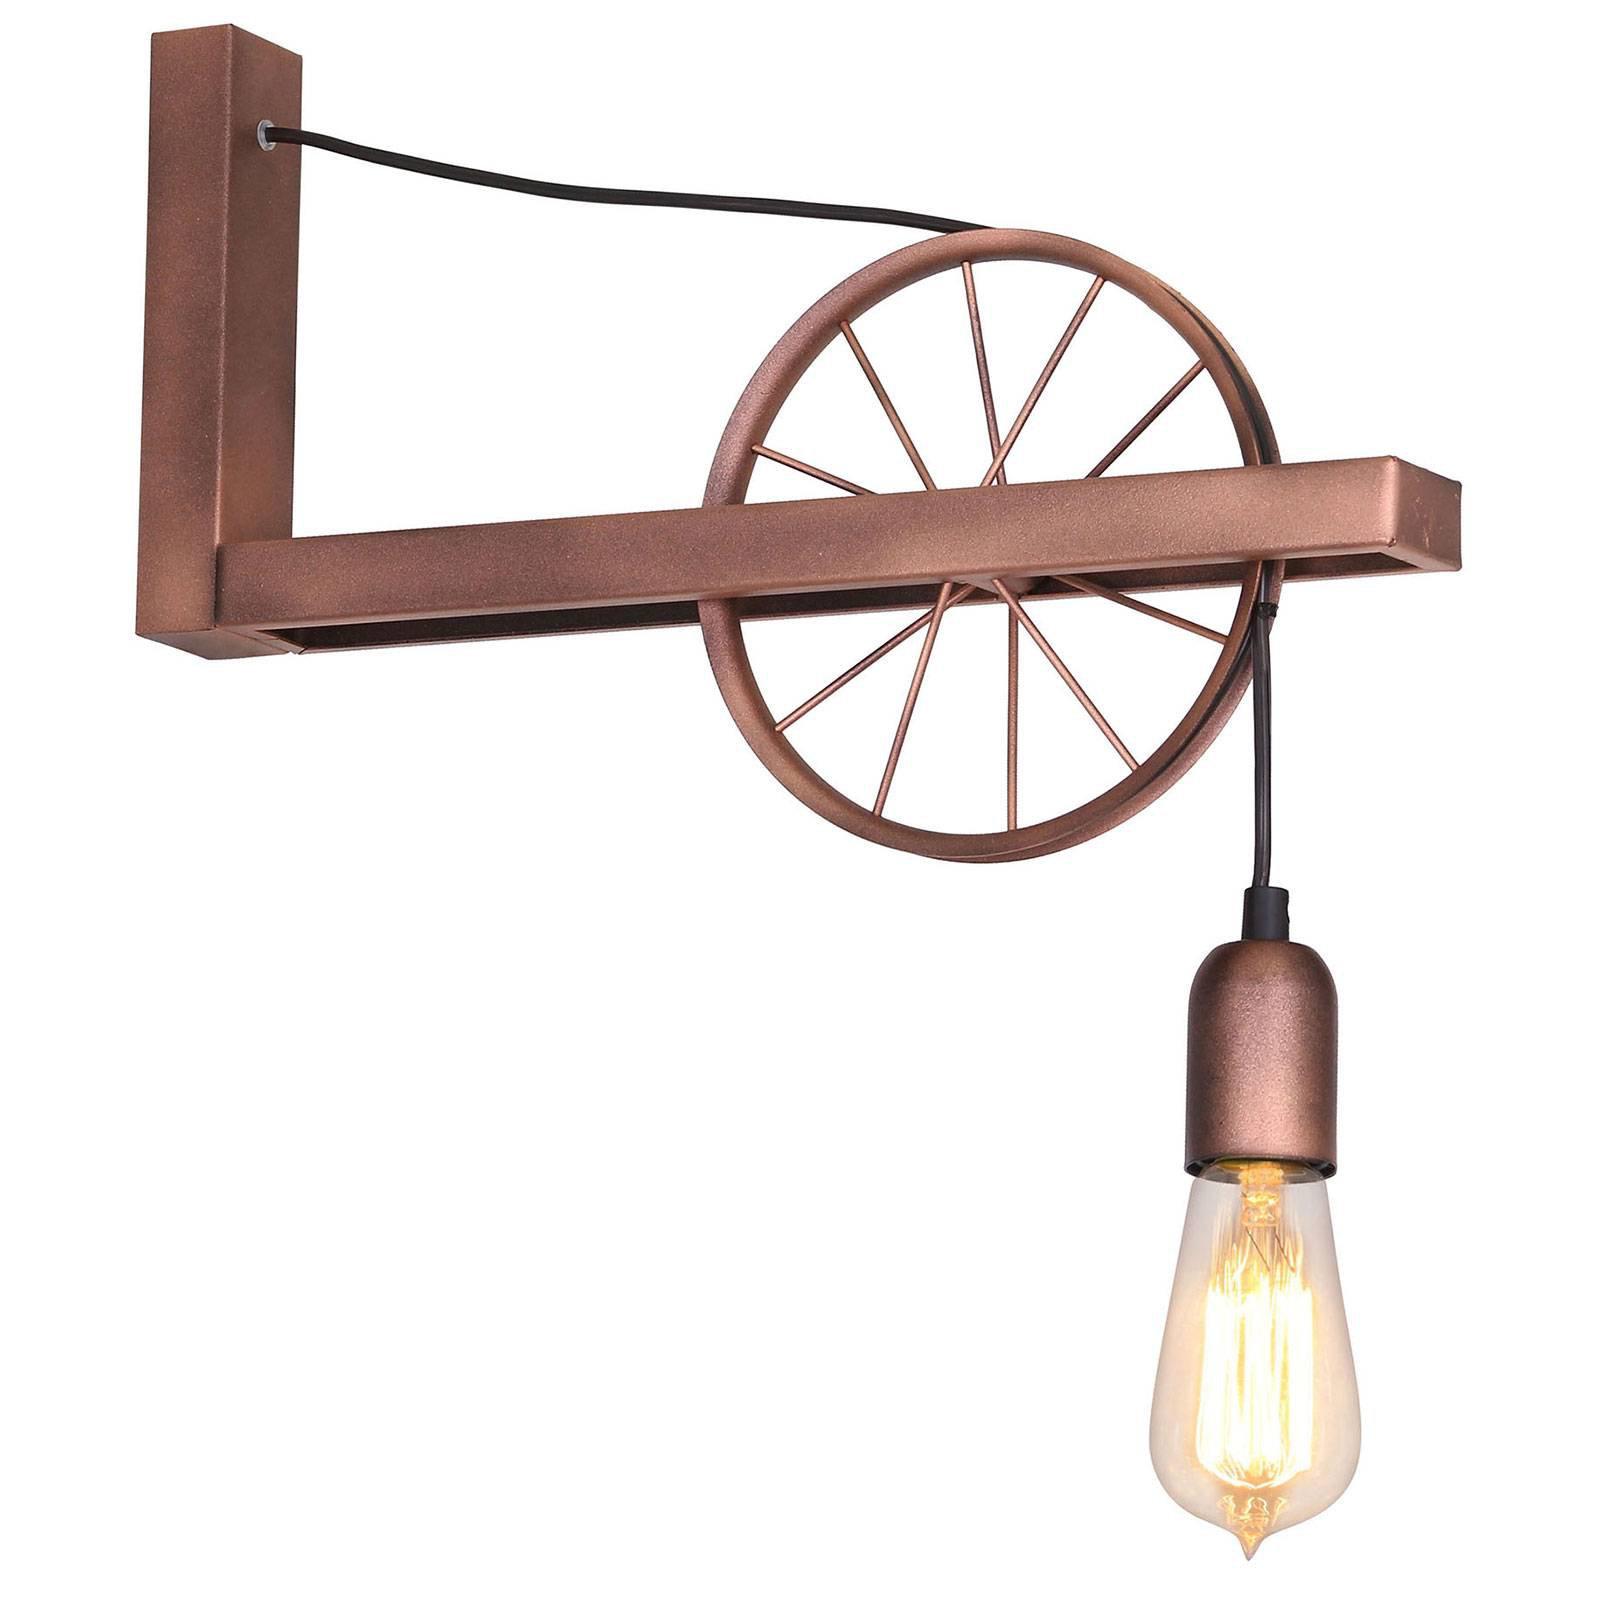 834 vegglampe med hjul, 1 lyskilde, kobber